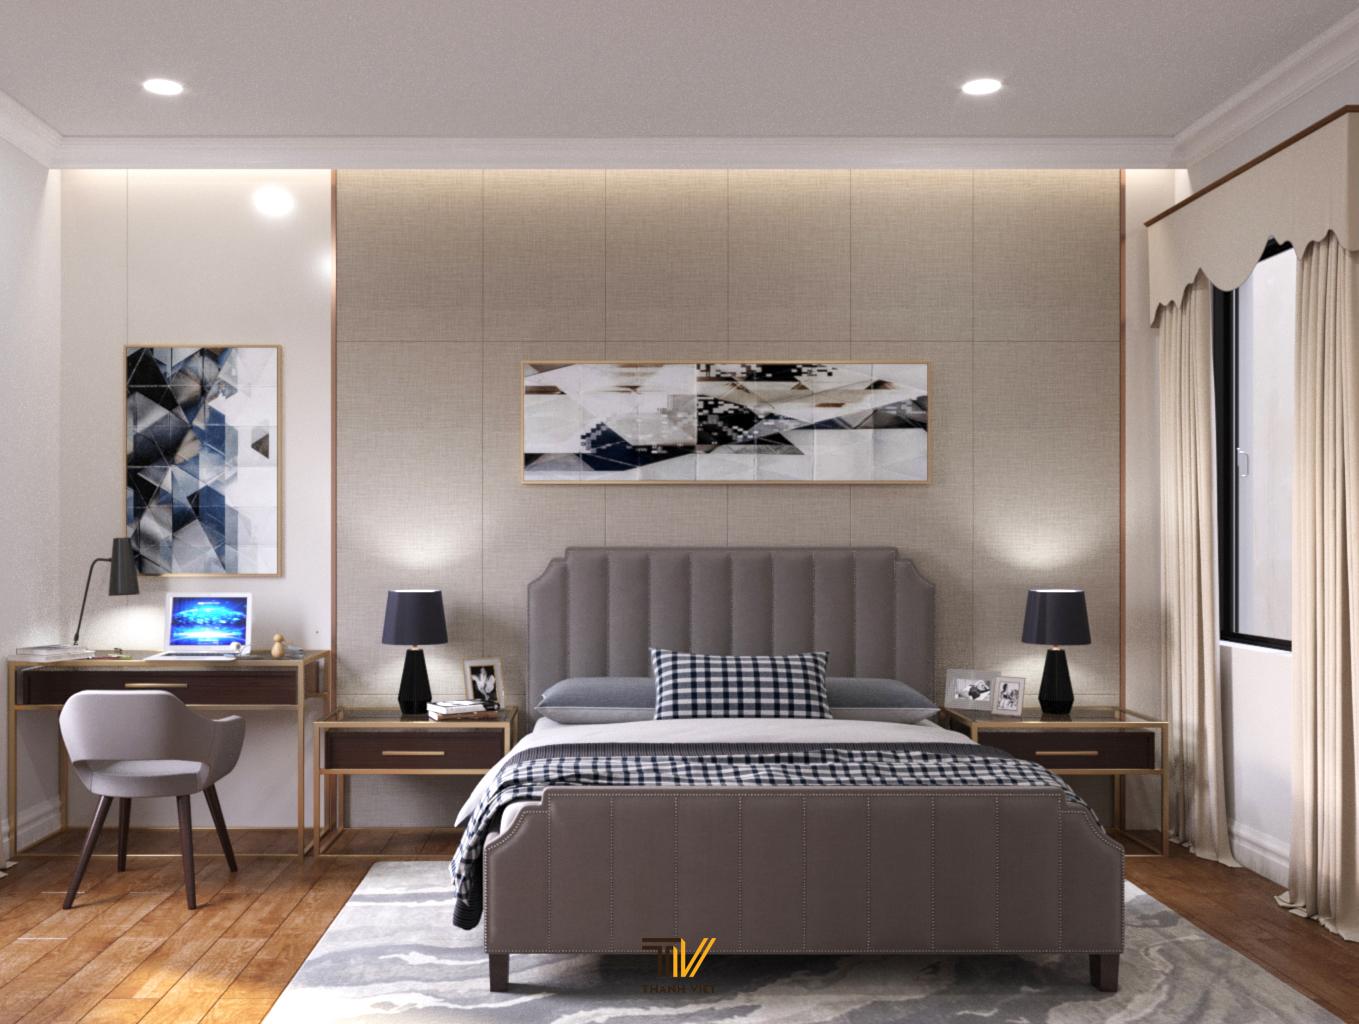 Giải pháp phong thủy trong phòng ngủ